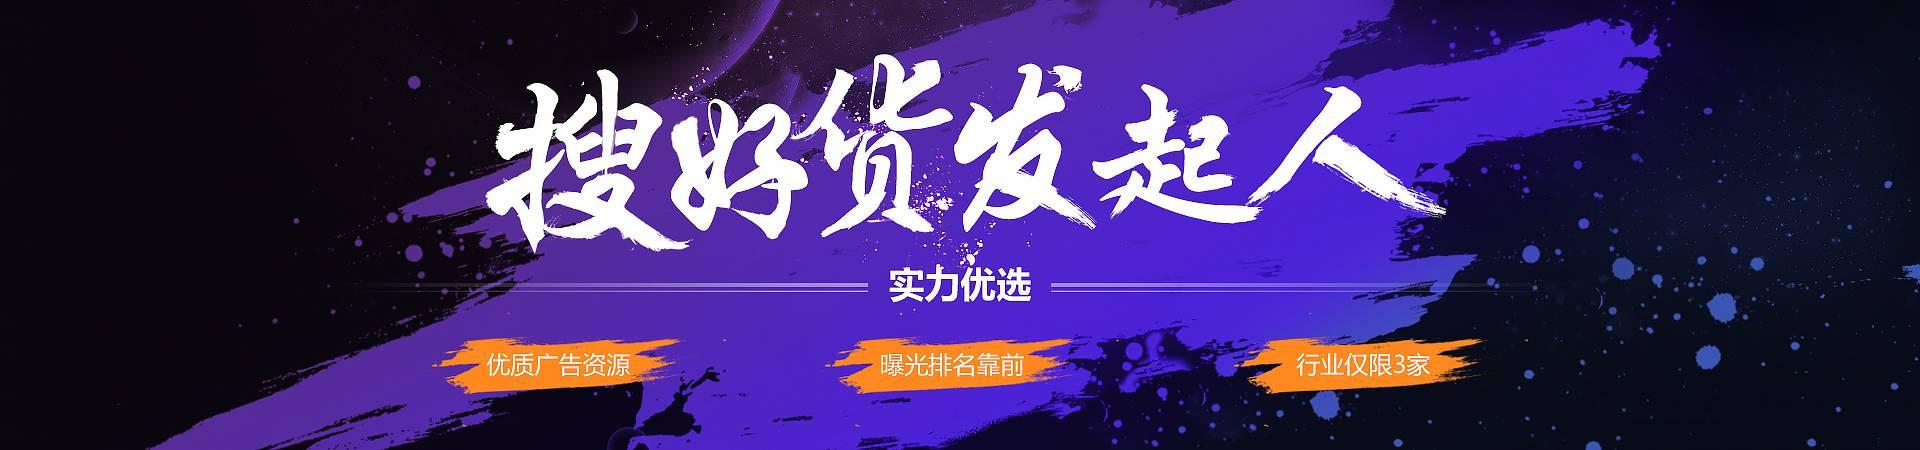 生產T2紫銅板金亞特 紫銅寬板 1020004000 鍍錫紫銅板圖片